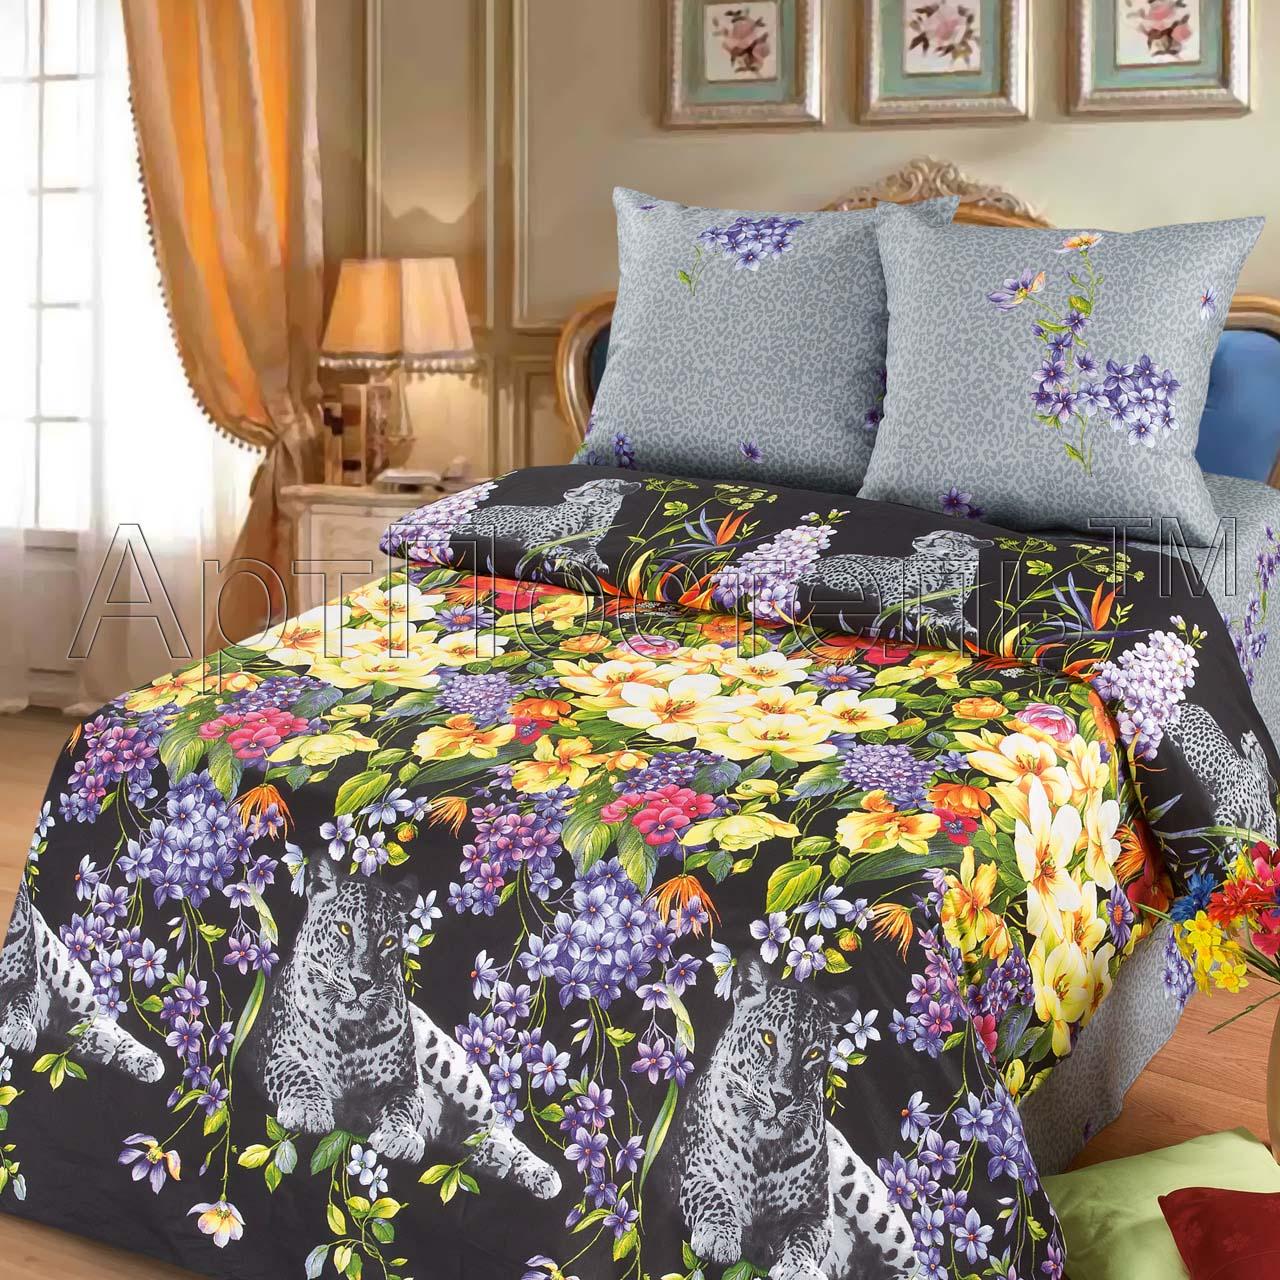 """Фото #1: КПБ """"Таинственная ночь"""", размер 2,0-спальный с европростыней"""